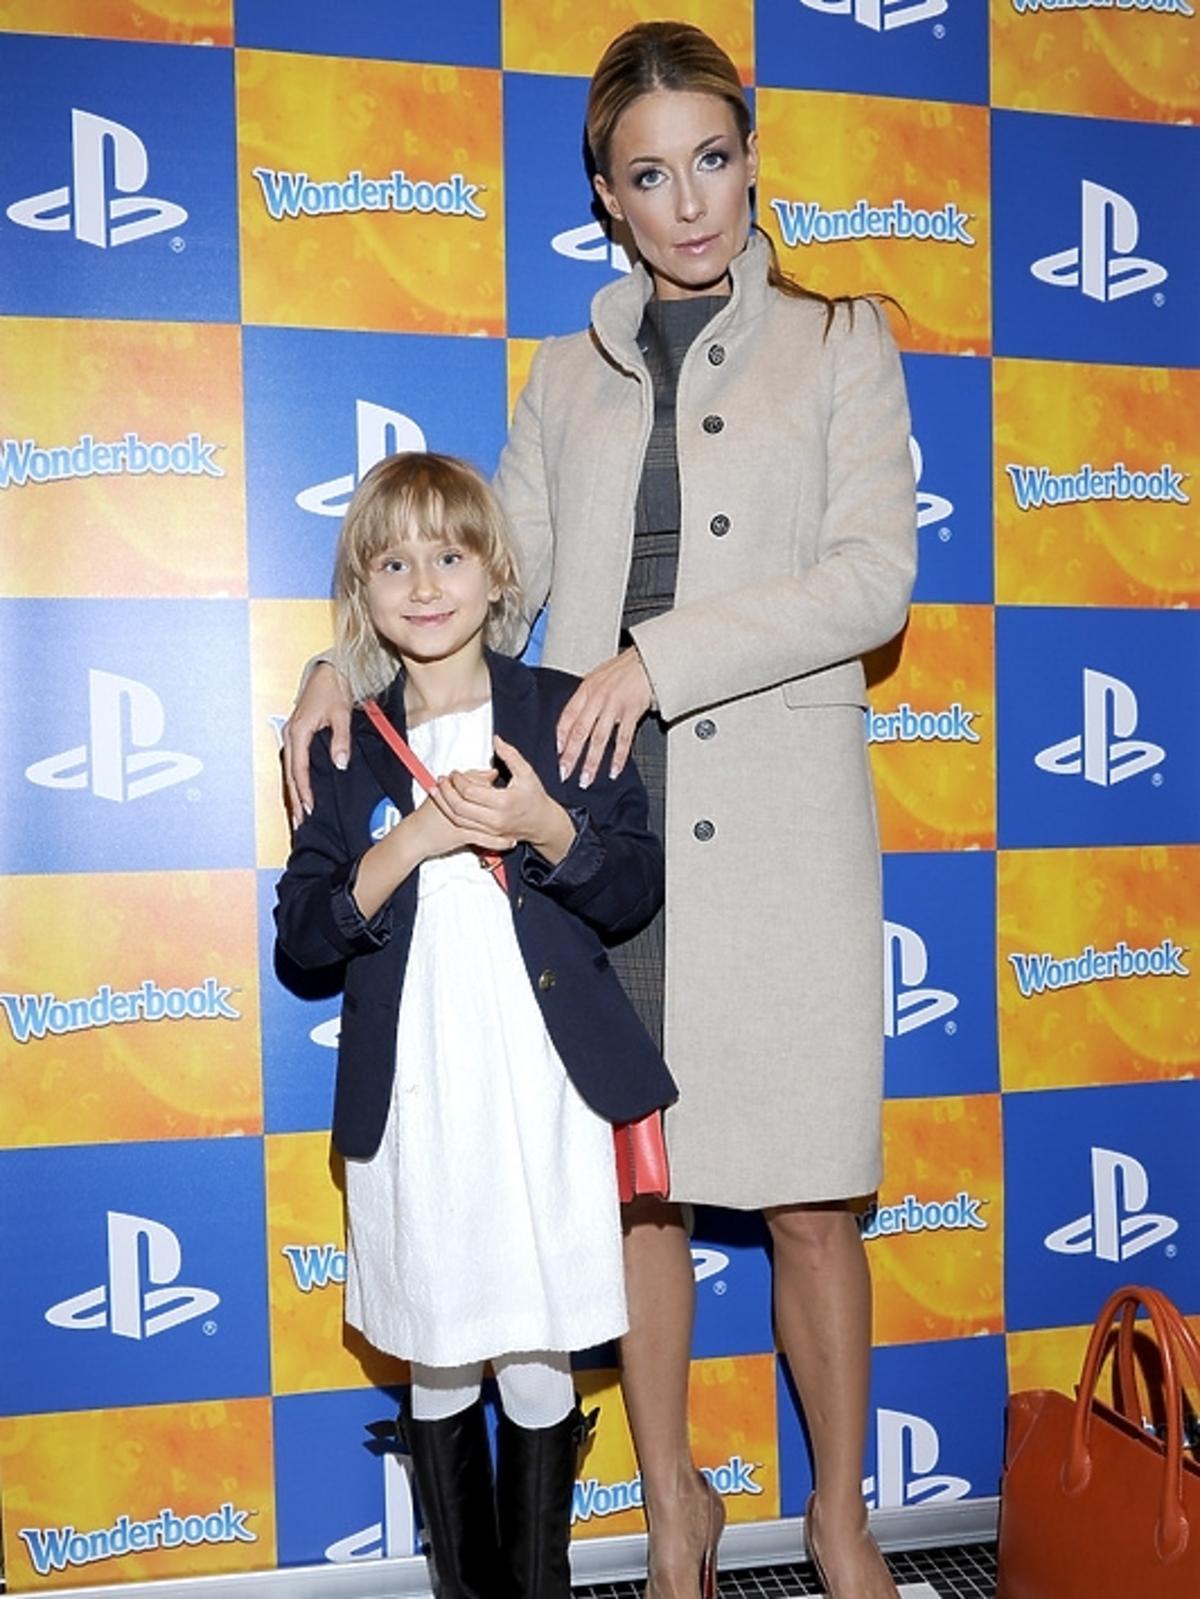 Małgorzata Rozenek na premierze PlayStation 3 - Wonderbook: Księga Czarów